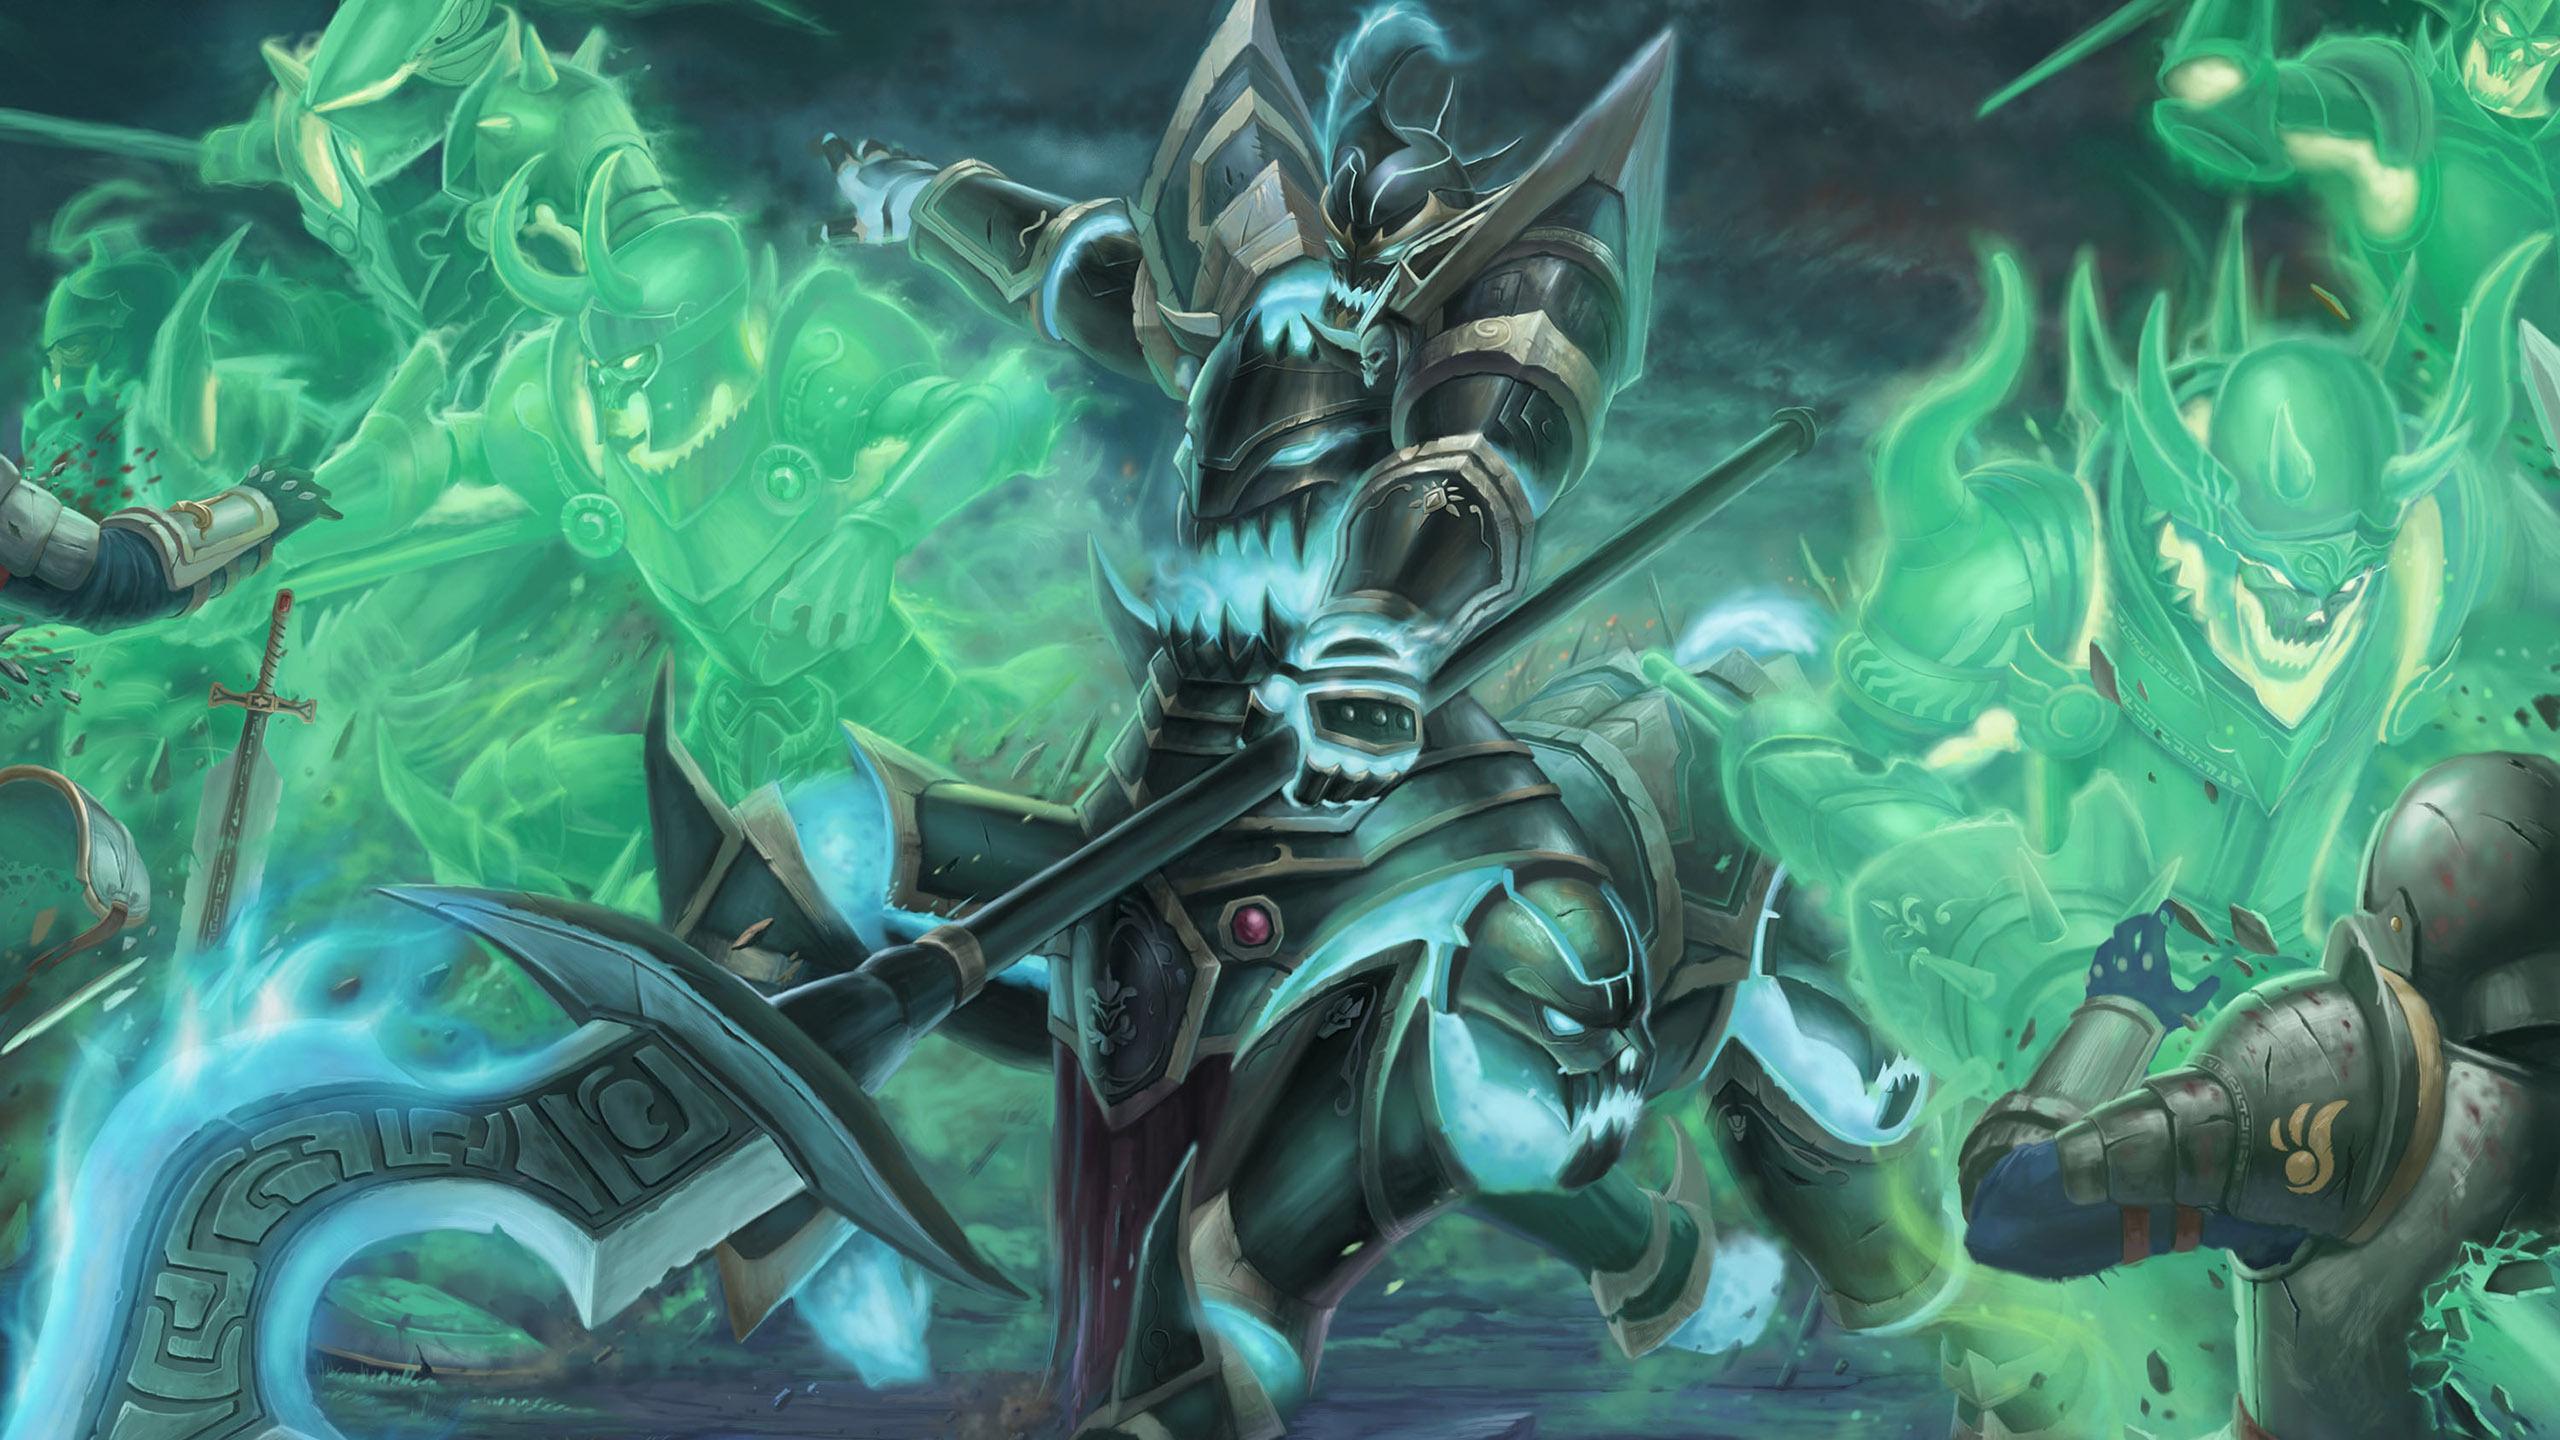 League Of Legend Wallpaper 3d Hecarim League Of Legends Hd Desktop Hintergrund